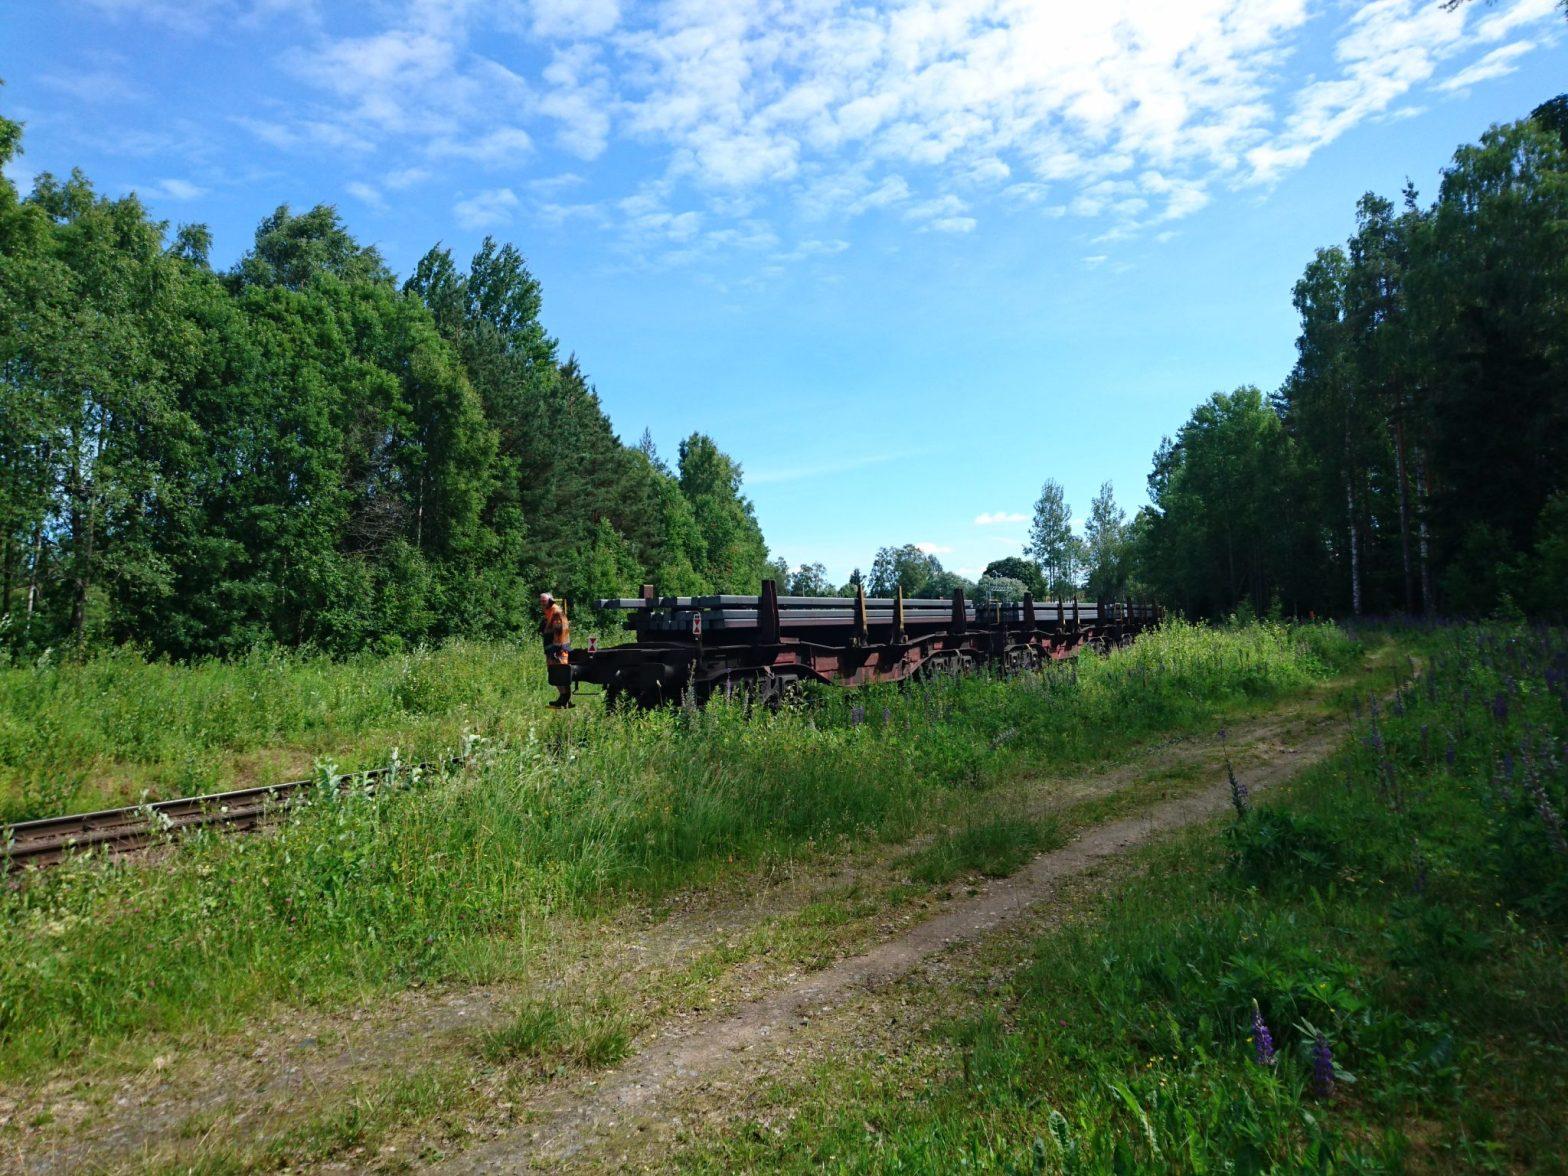 Tåg mot Ovako Steel passerar Djurkyrkogården Hällefors